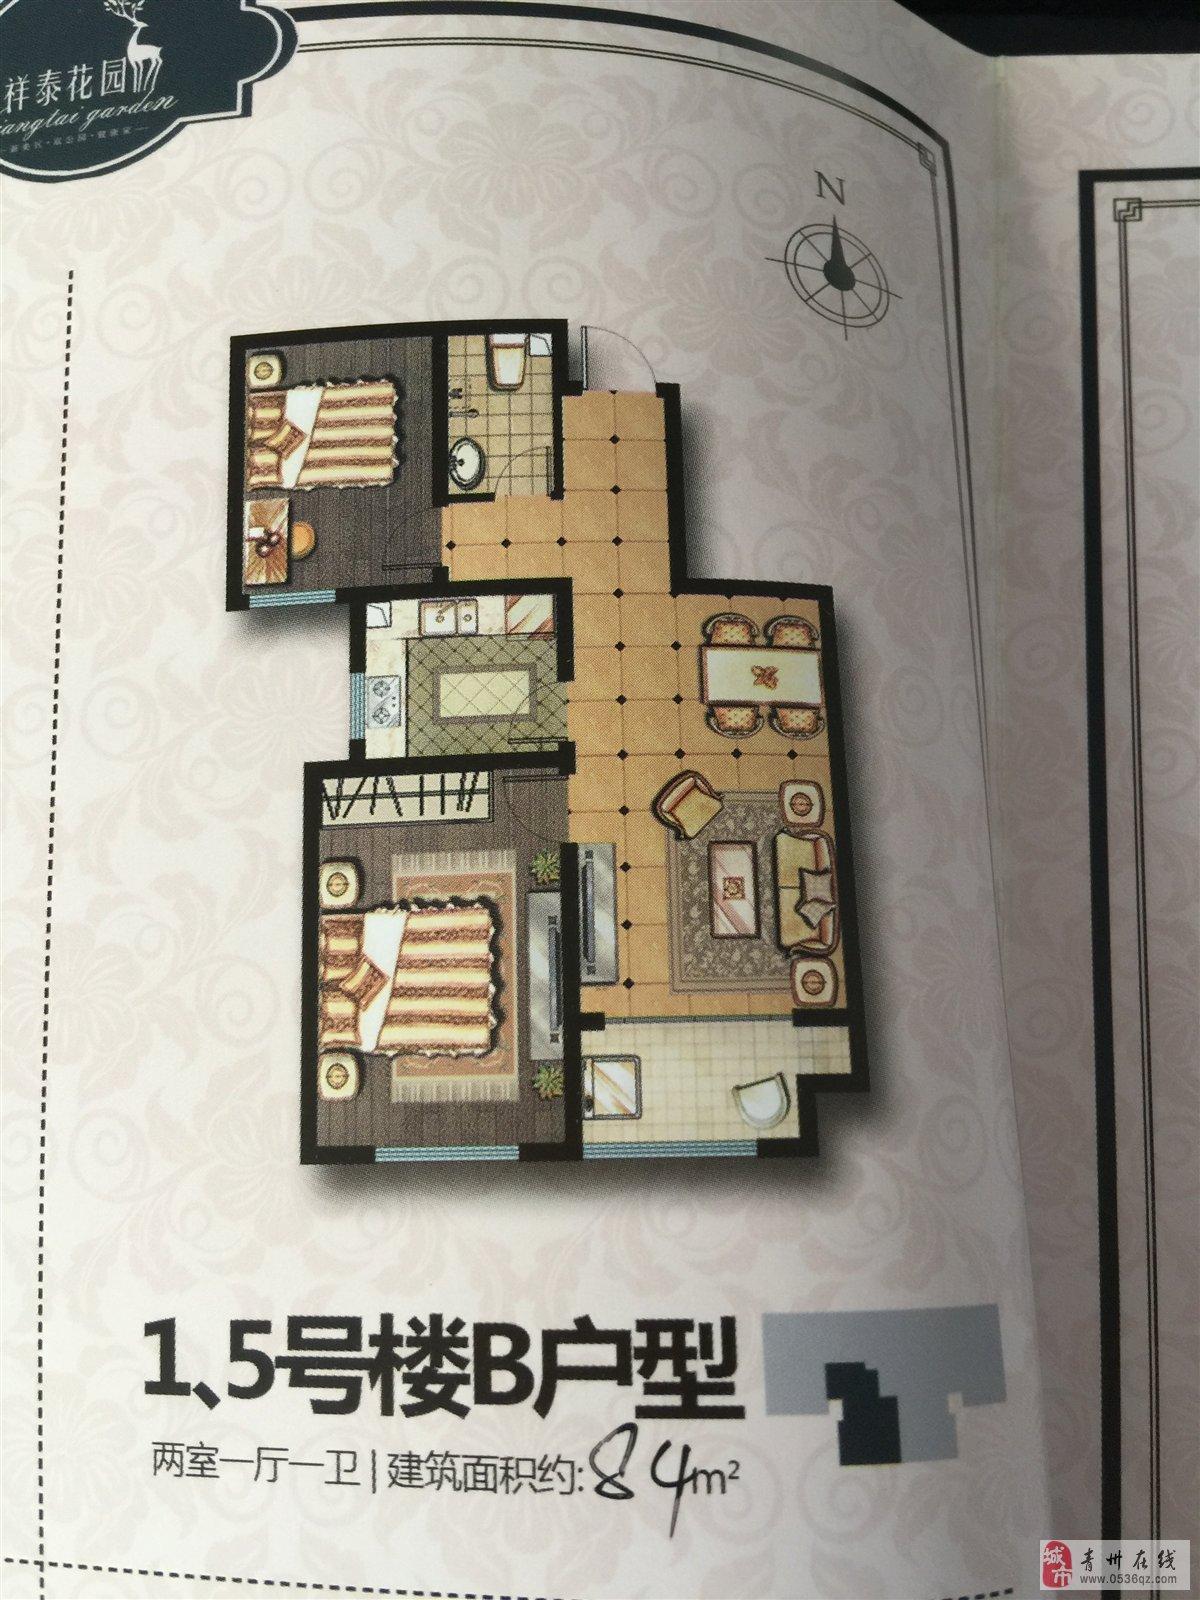 农村住宅小户型平面设计图展示